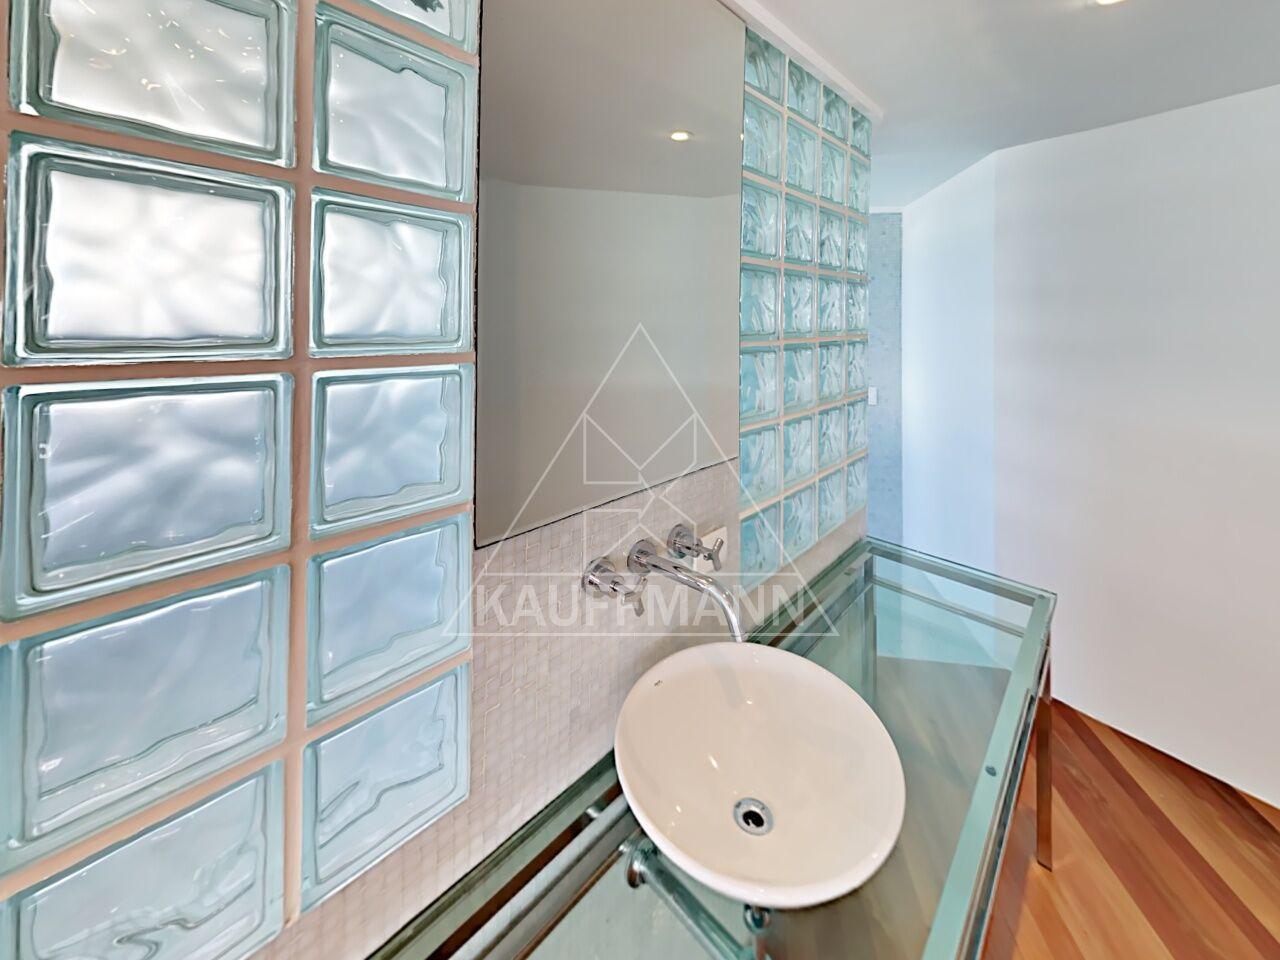 apartamento-venda-sao-paulo-jardim-america-regency-6dormitorios-6suites-7vagas-1099m2-Foto33